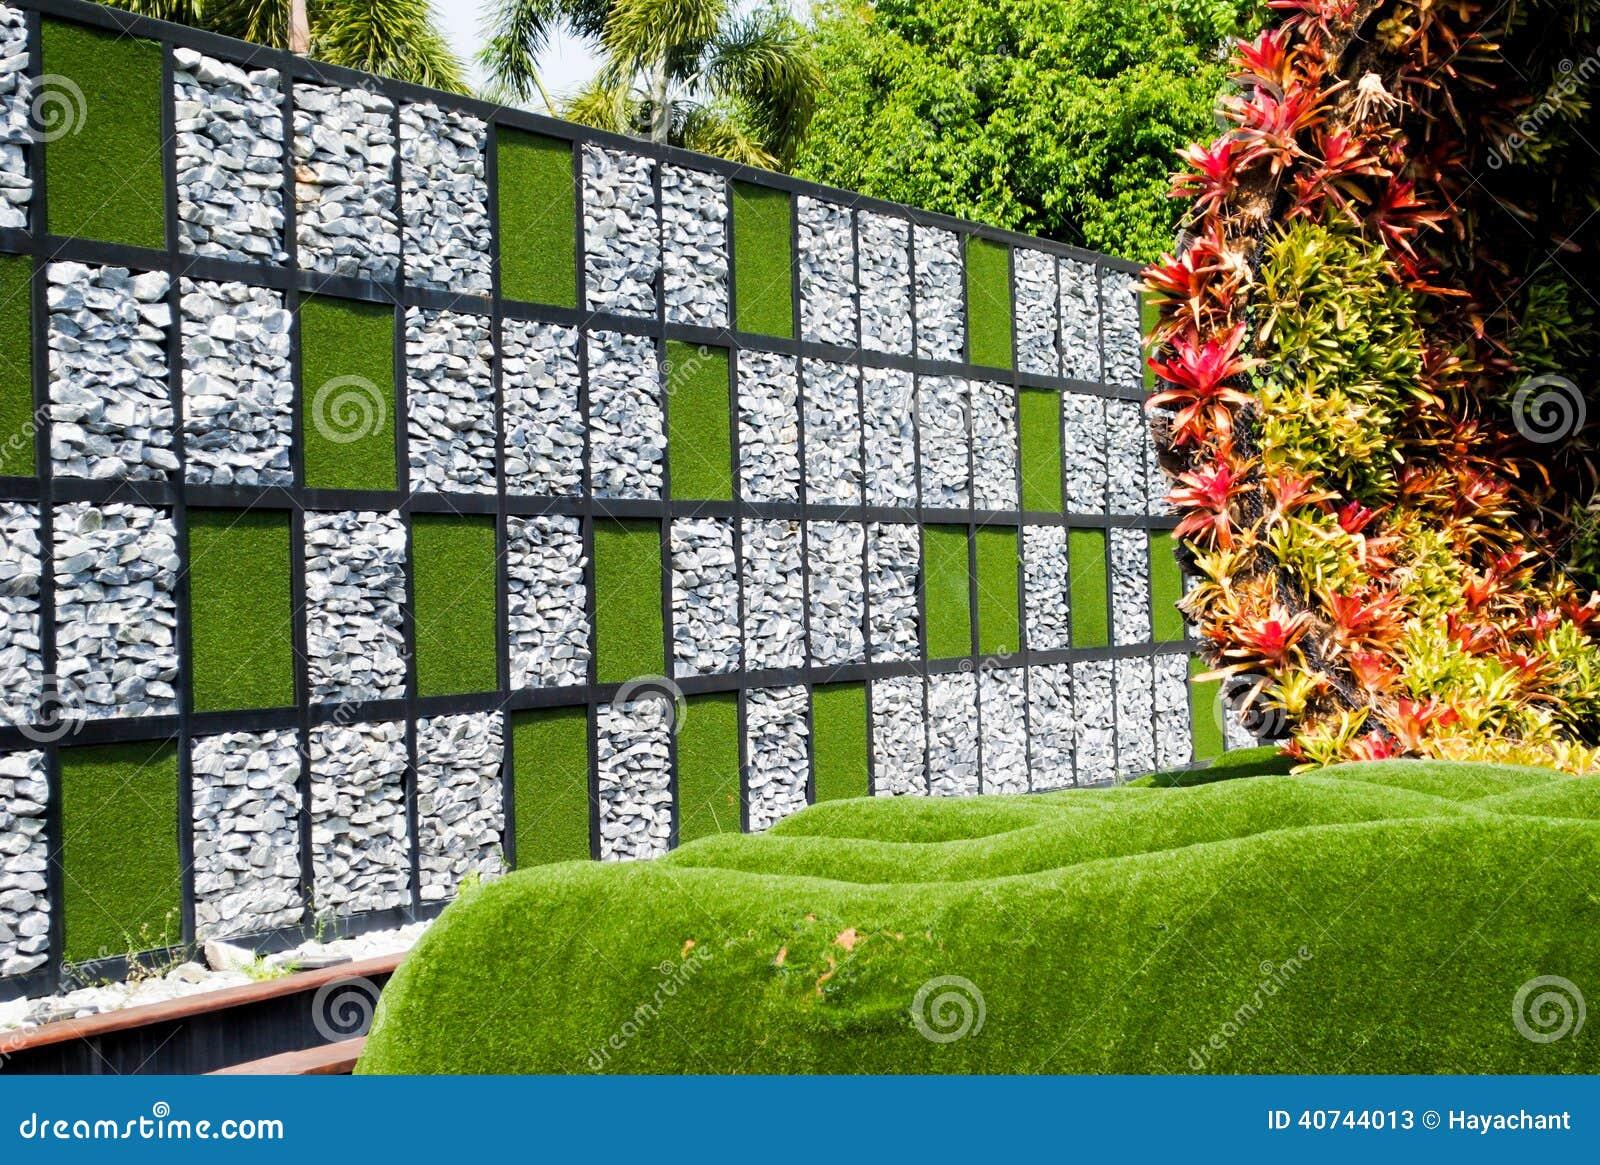 有花圃和五颜六色的植物的庭院.图片